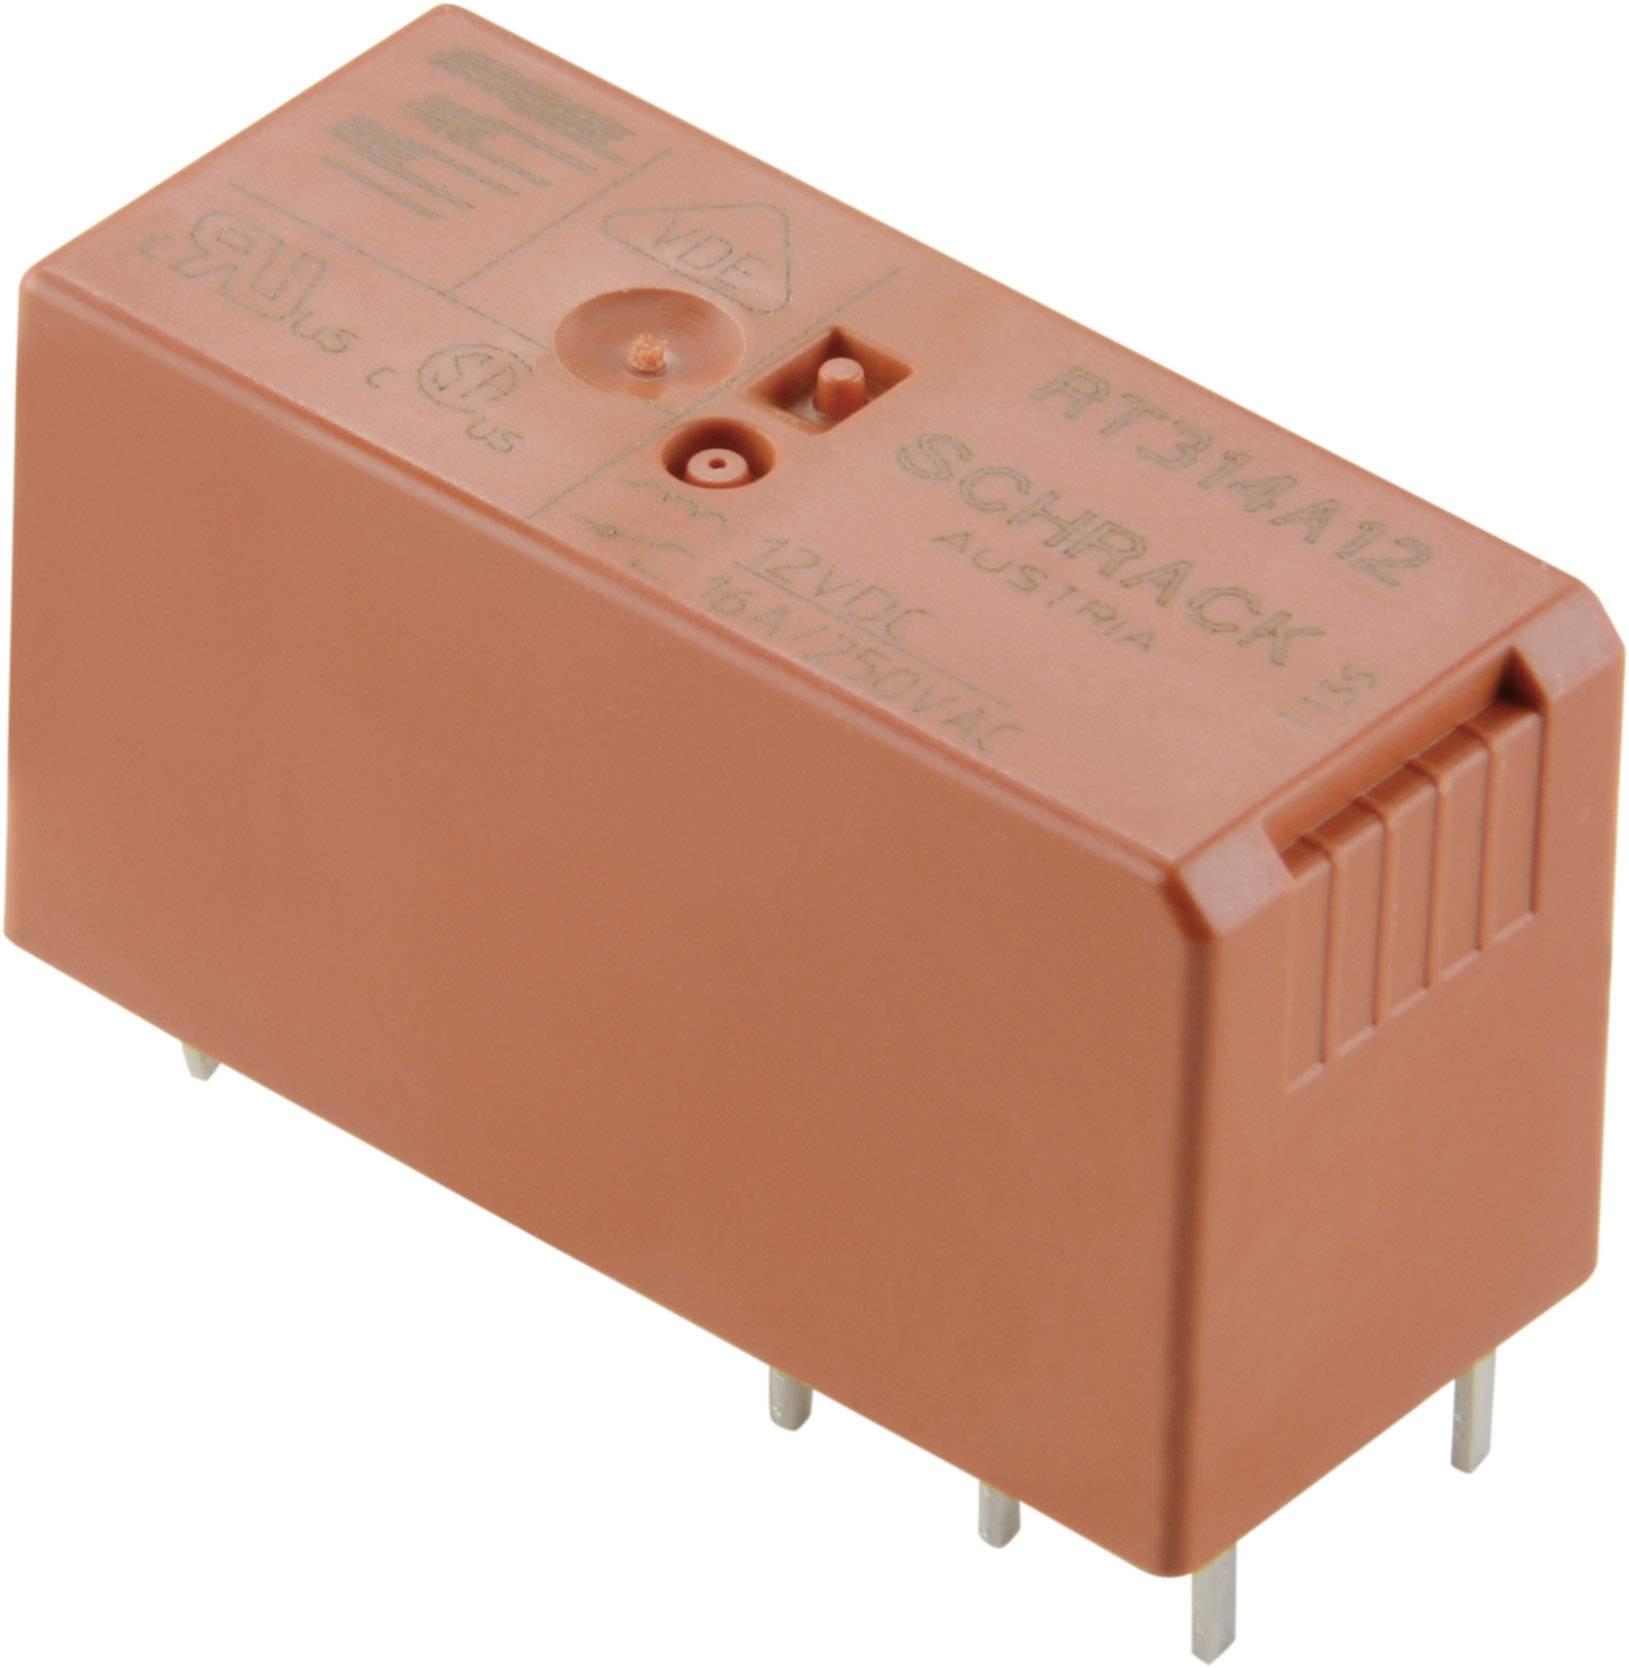 RT-výkonové relé pro desky plošných spojů 16 A, 1 x přepínací kontakt TE Connectivity 8-1393239-8, RT314F24, 16 A